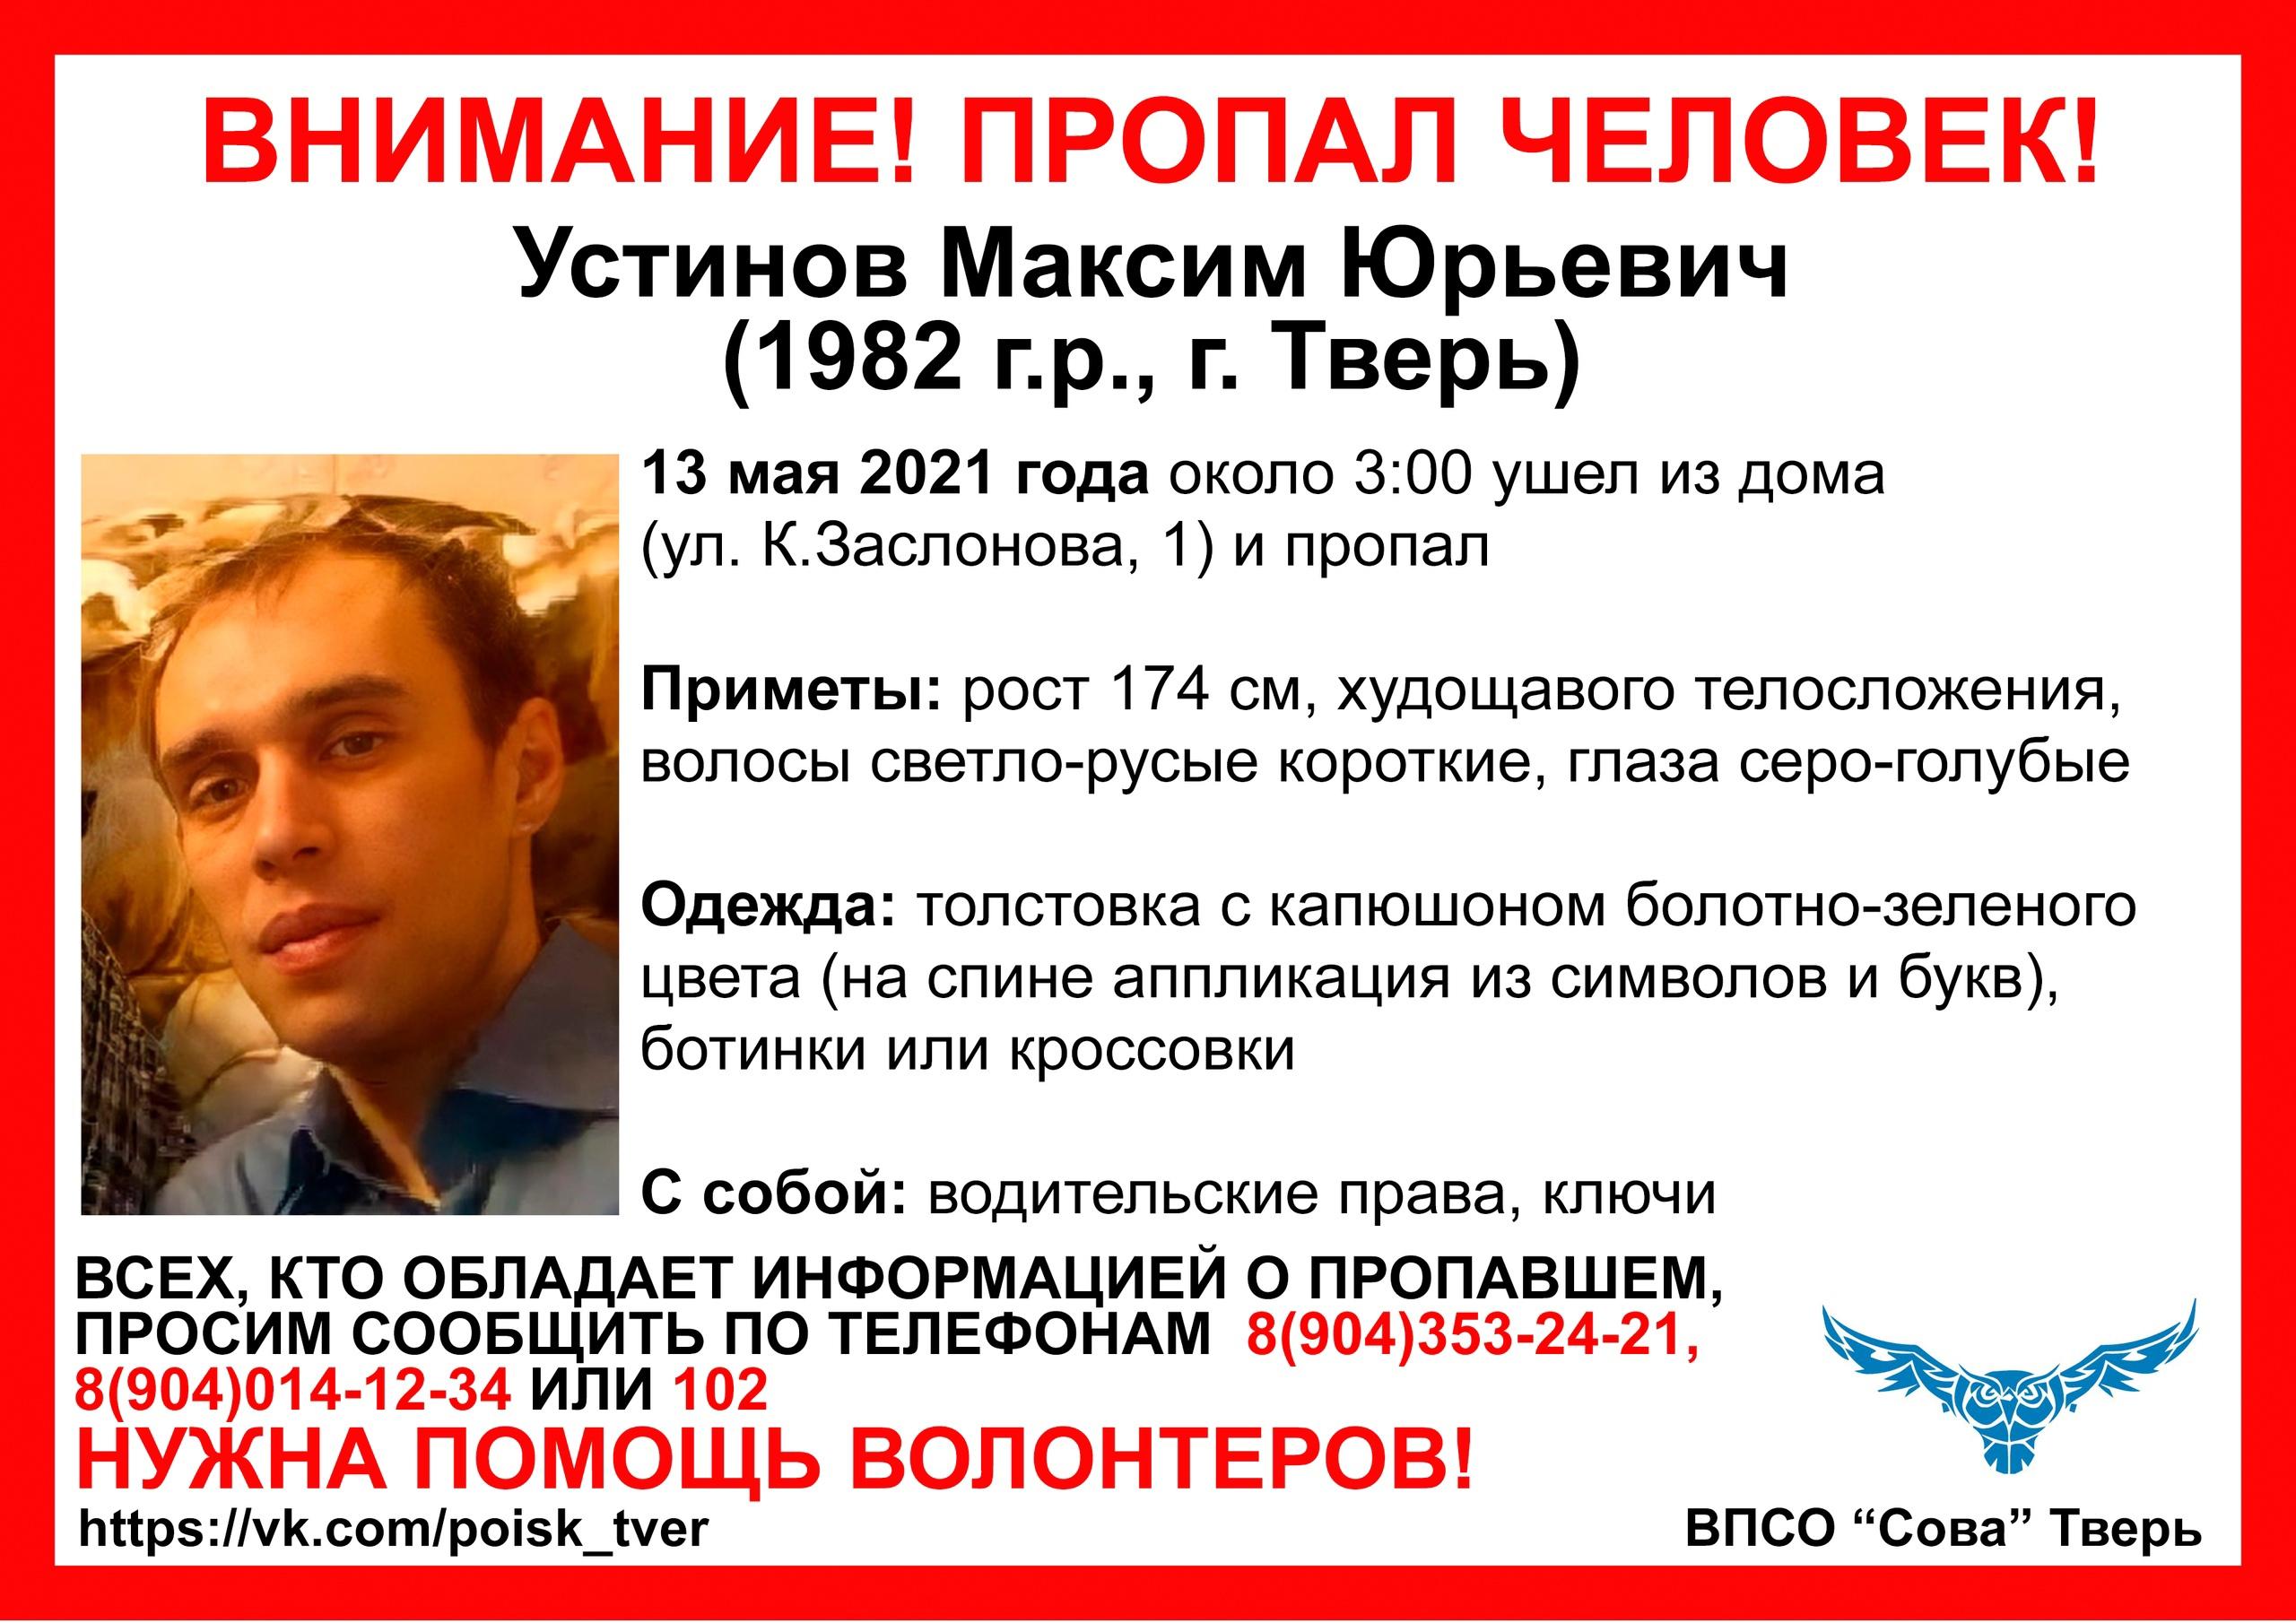 В Твери в ночи пропал Максим Устинов